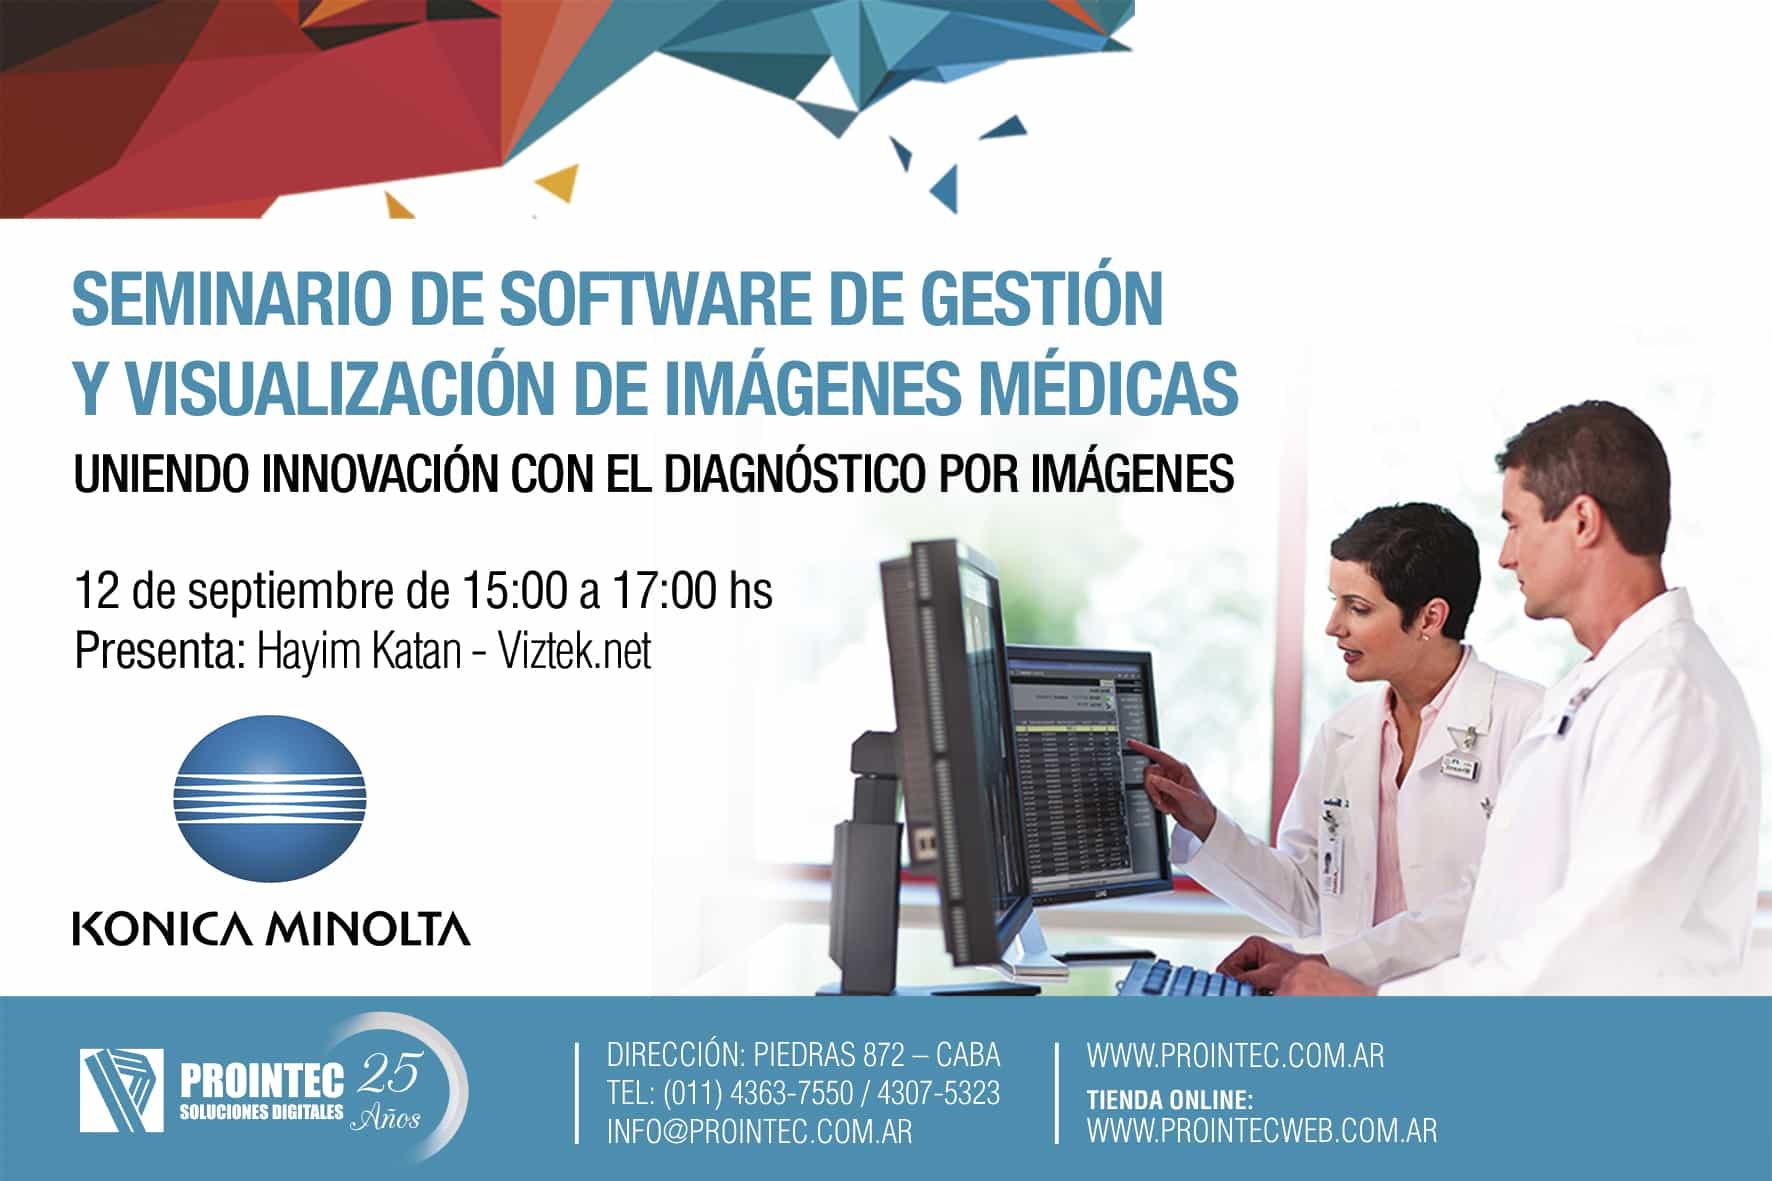 invitacion-imagenes-medicas